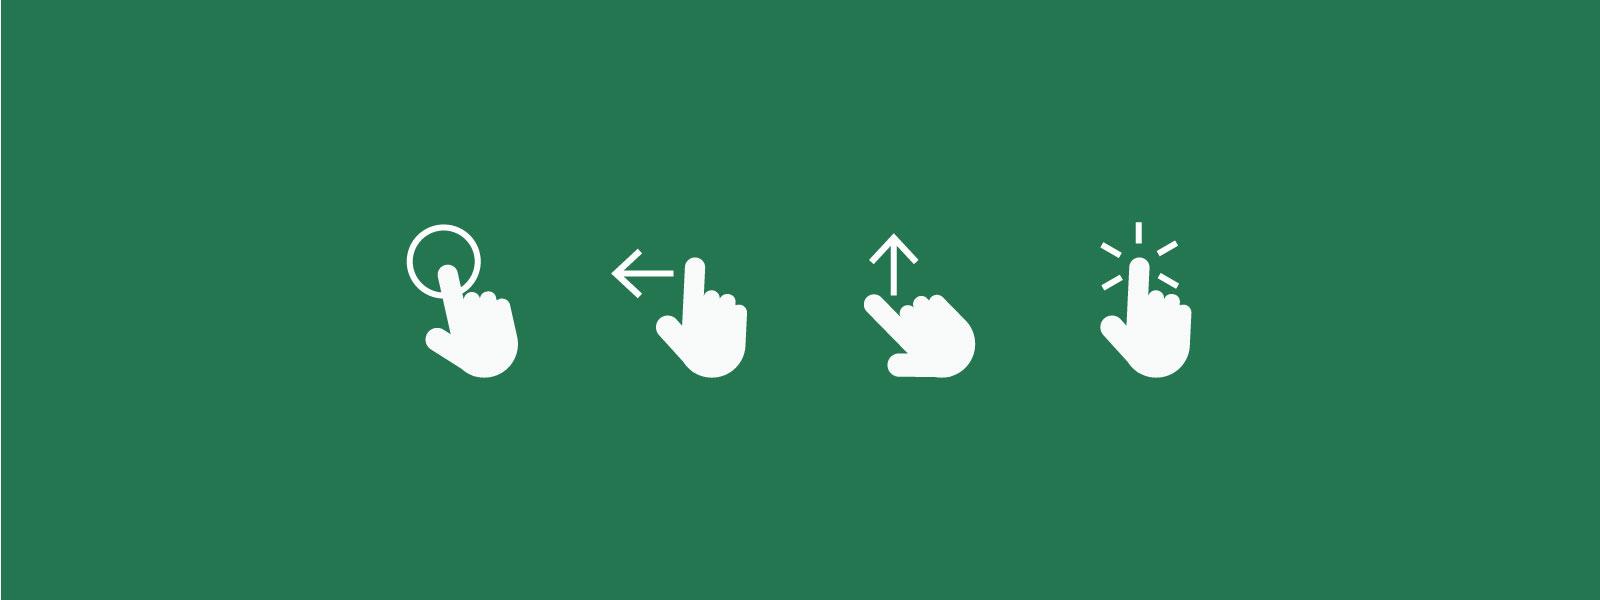 Swipe! – og andre håndbevægelser som navigation i en app